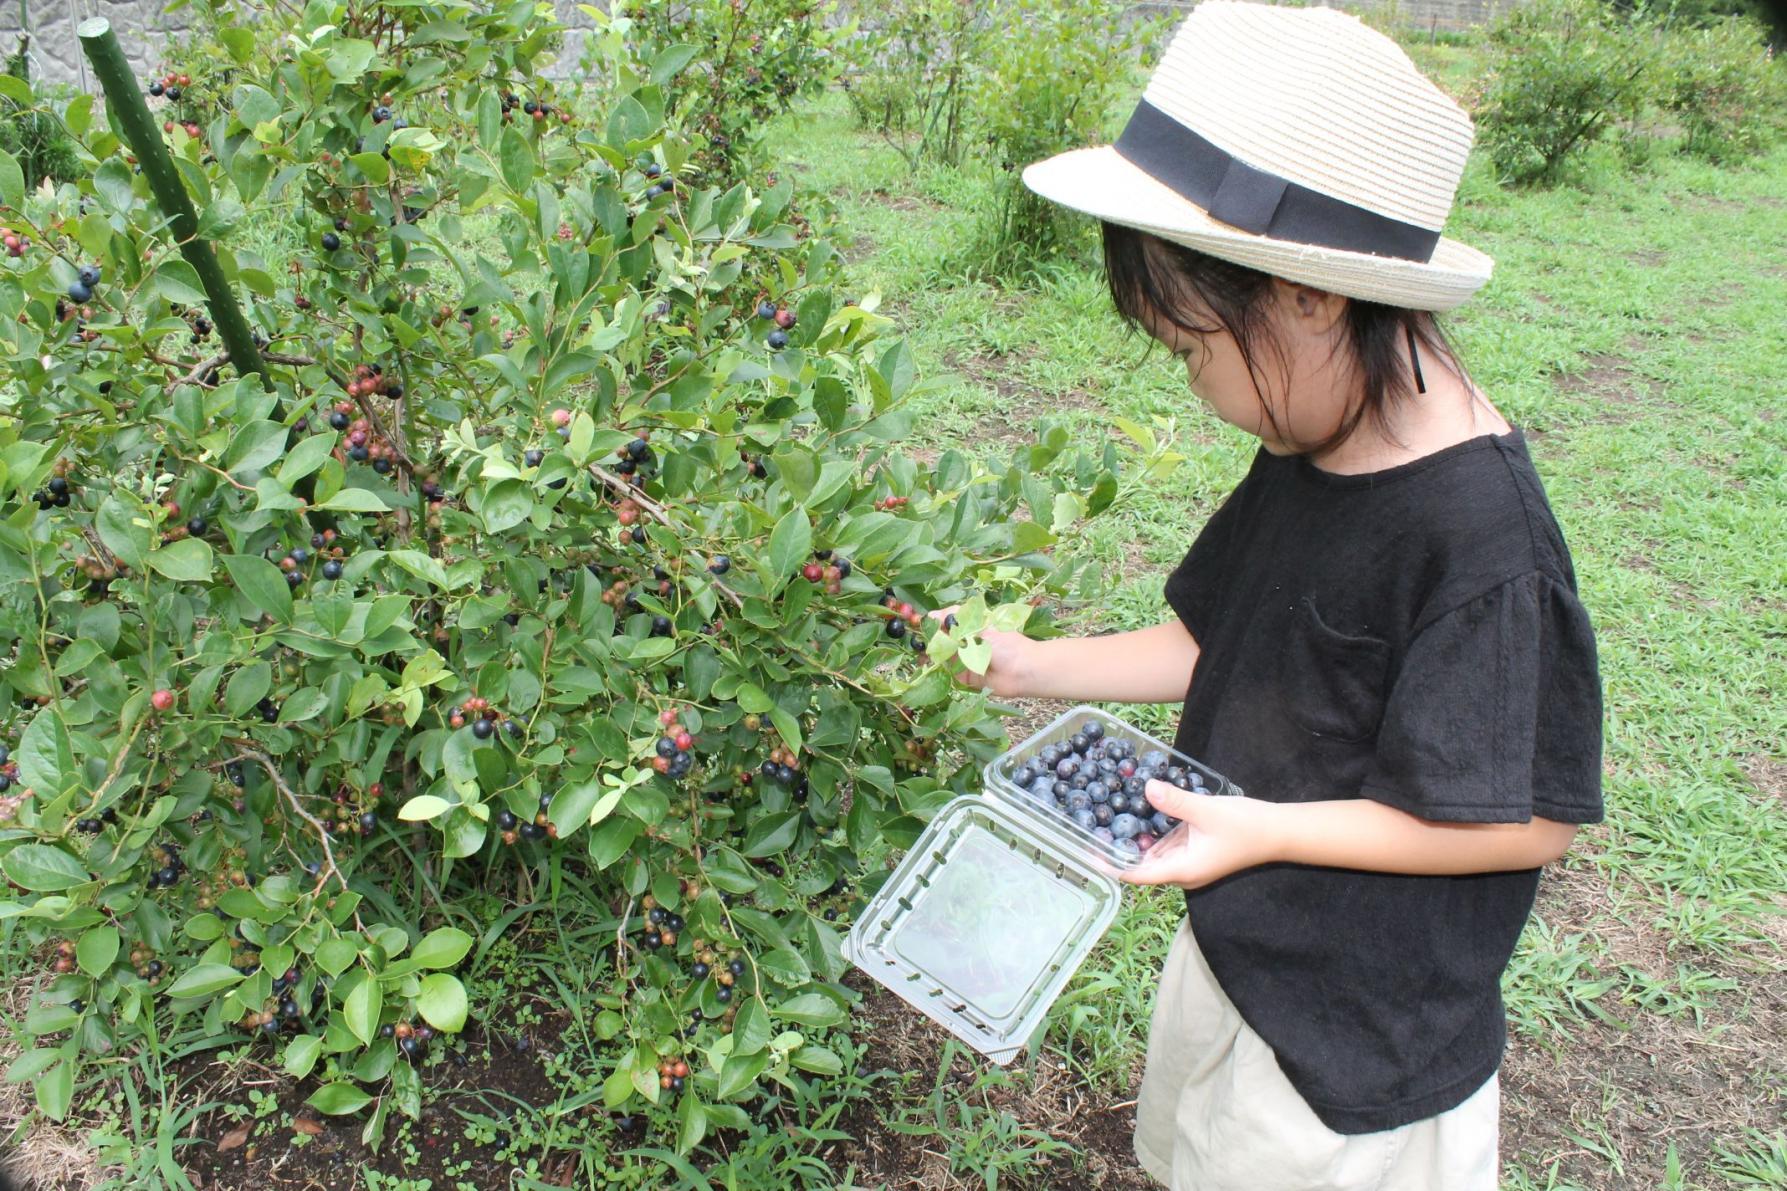 気軽に「農業体験」するならグリーンファームがおすすめ!-4